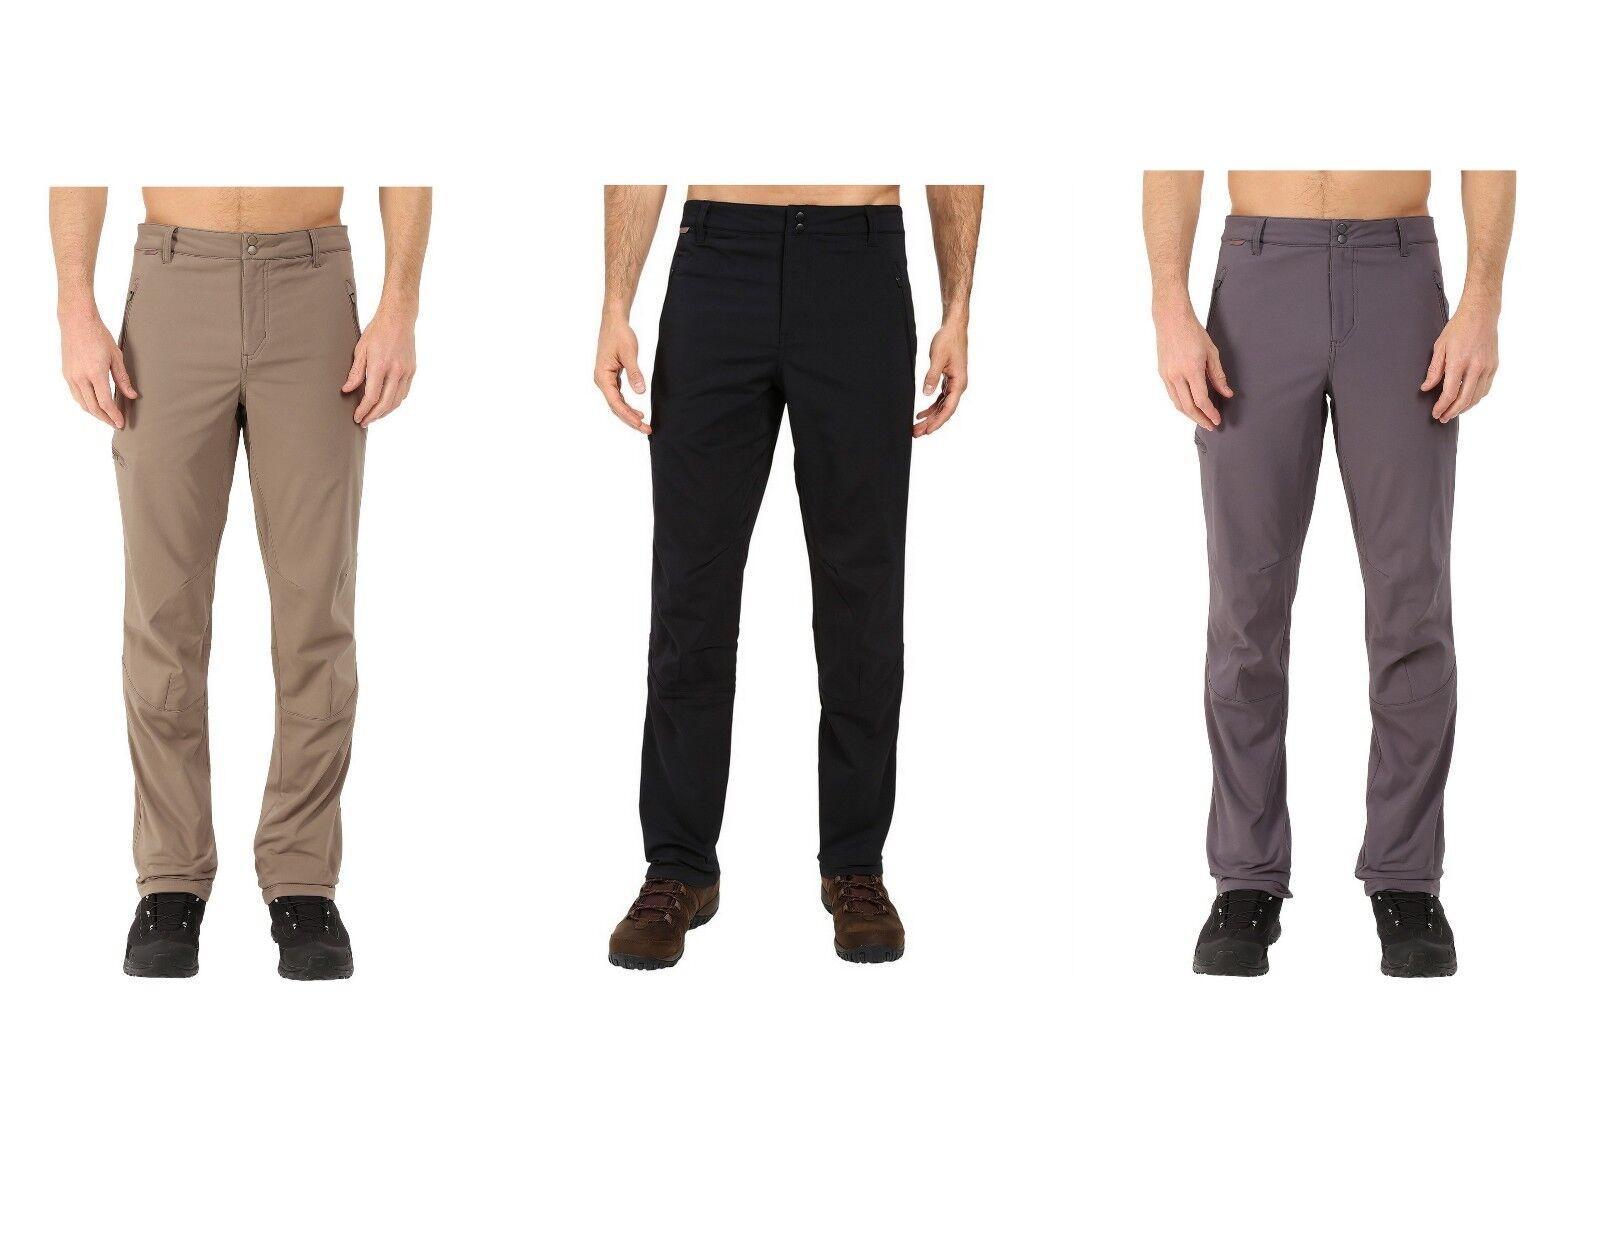 Merrell NWT Men's Speedar Winter Outdoor Hiking Pants Authentic 34 36 38 40